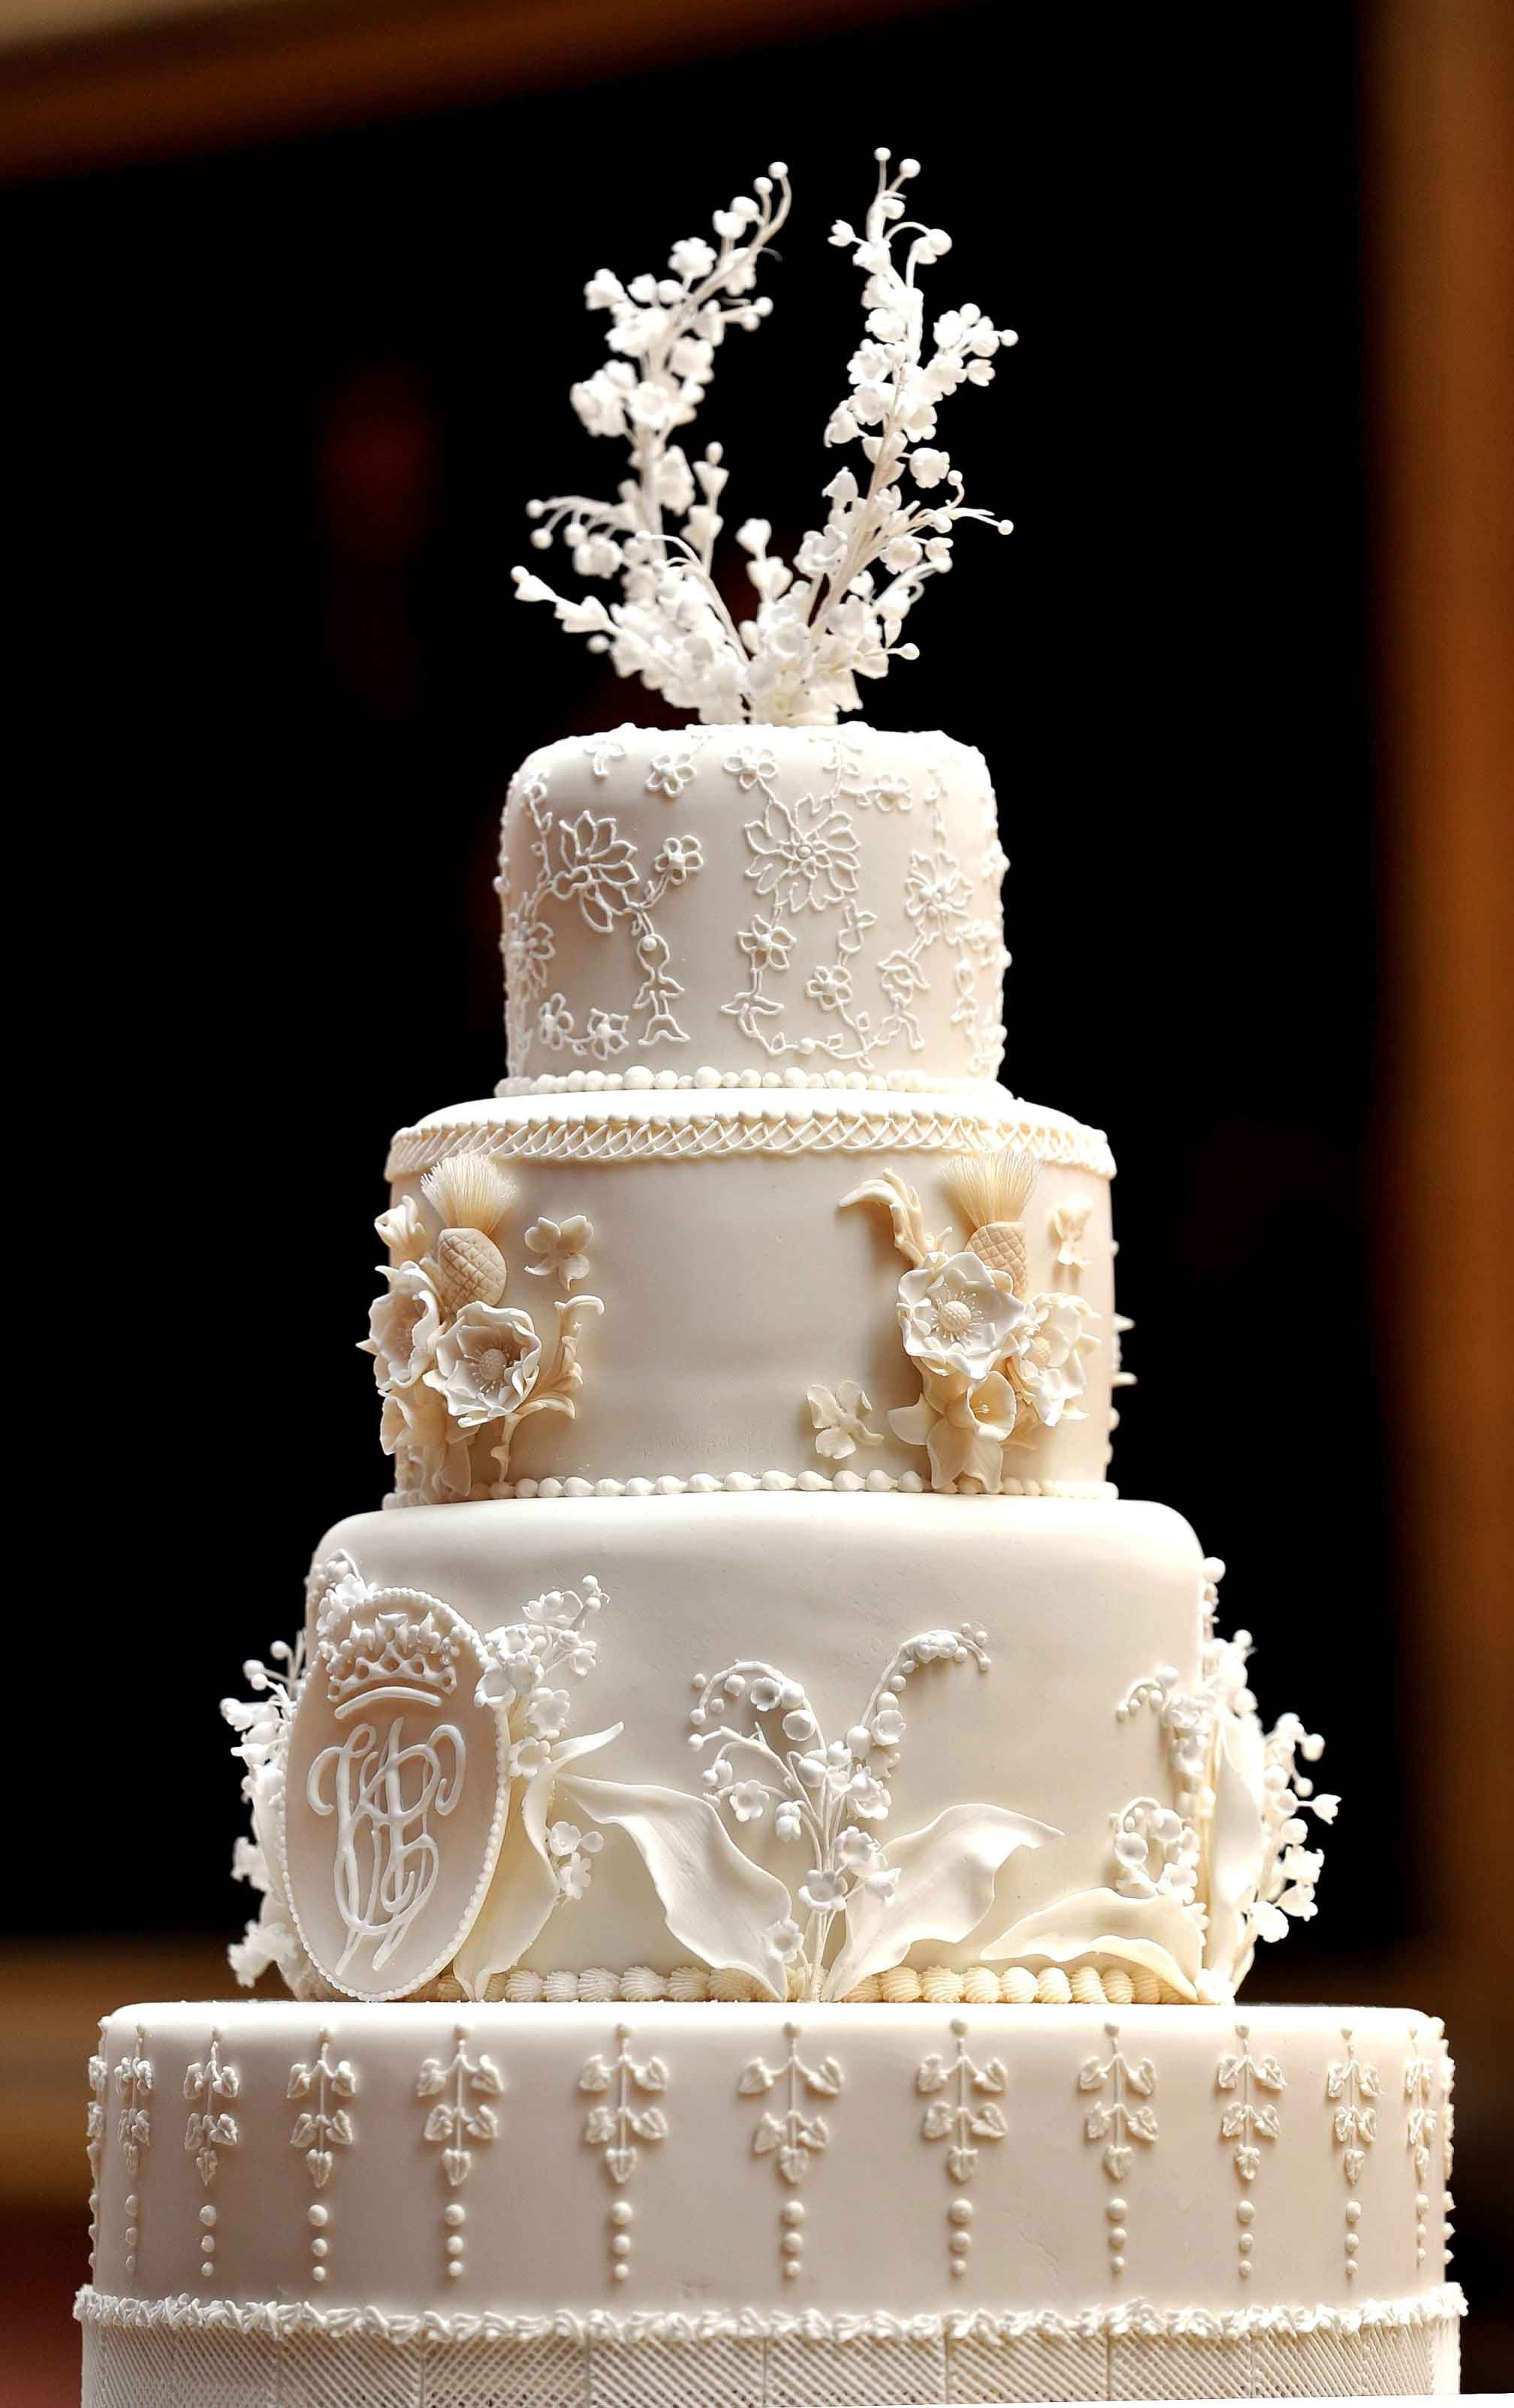 Из-за свадебного торта для принца Уильяма и Кейт Миддлтон пришлось на время снять дверь в Букингемском дворце: забавная история от кондитера